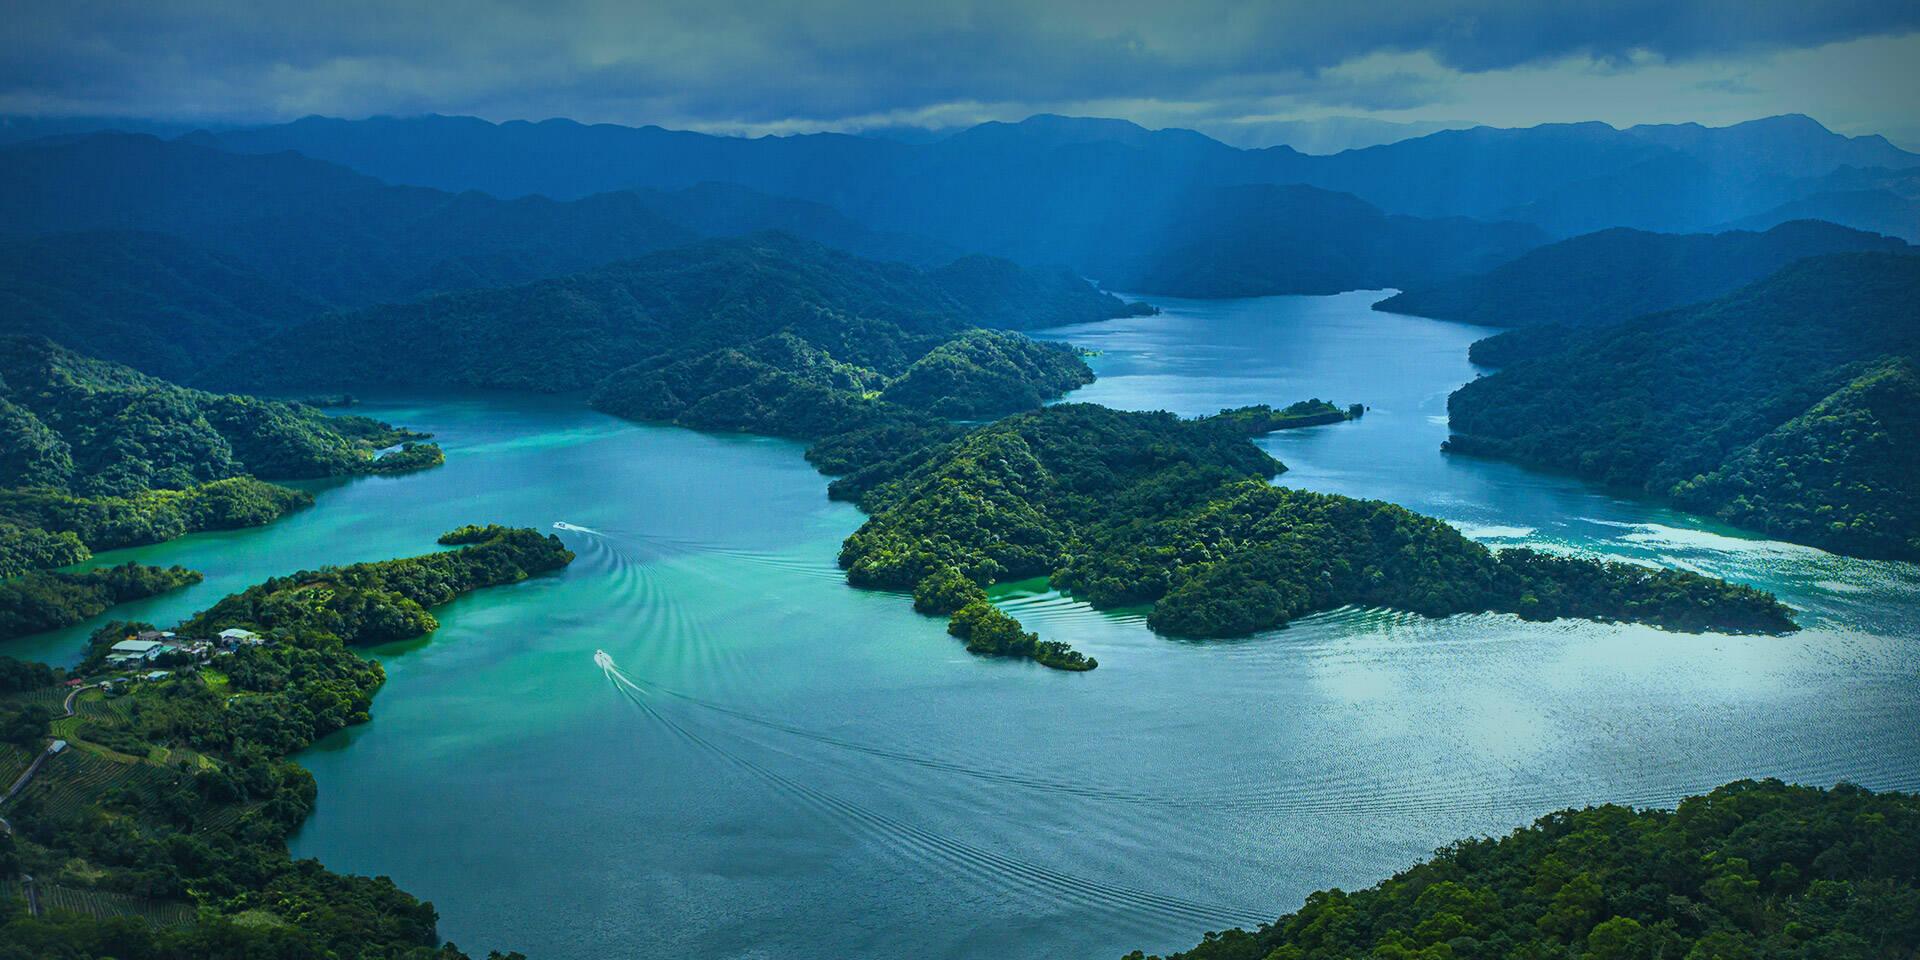 遠眺千島湖